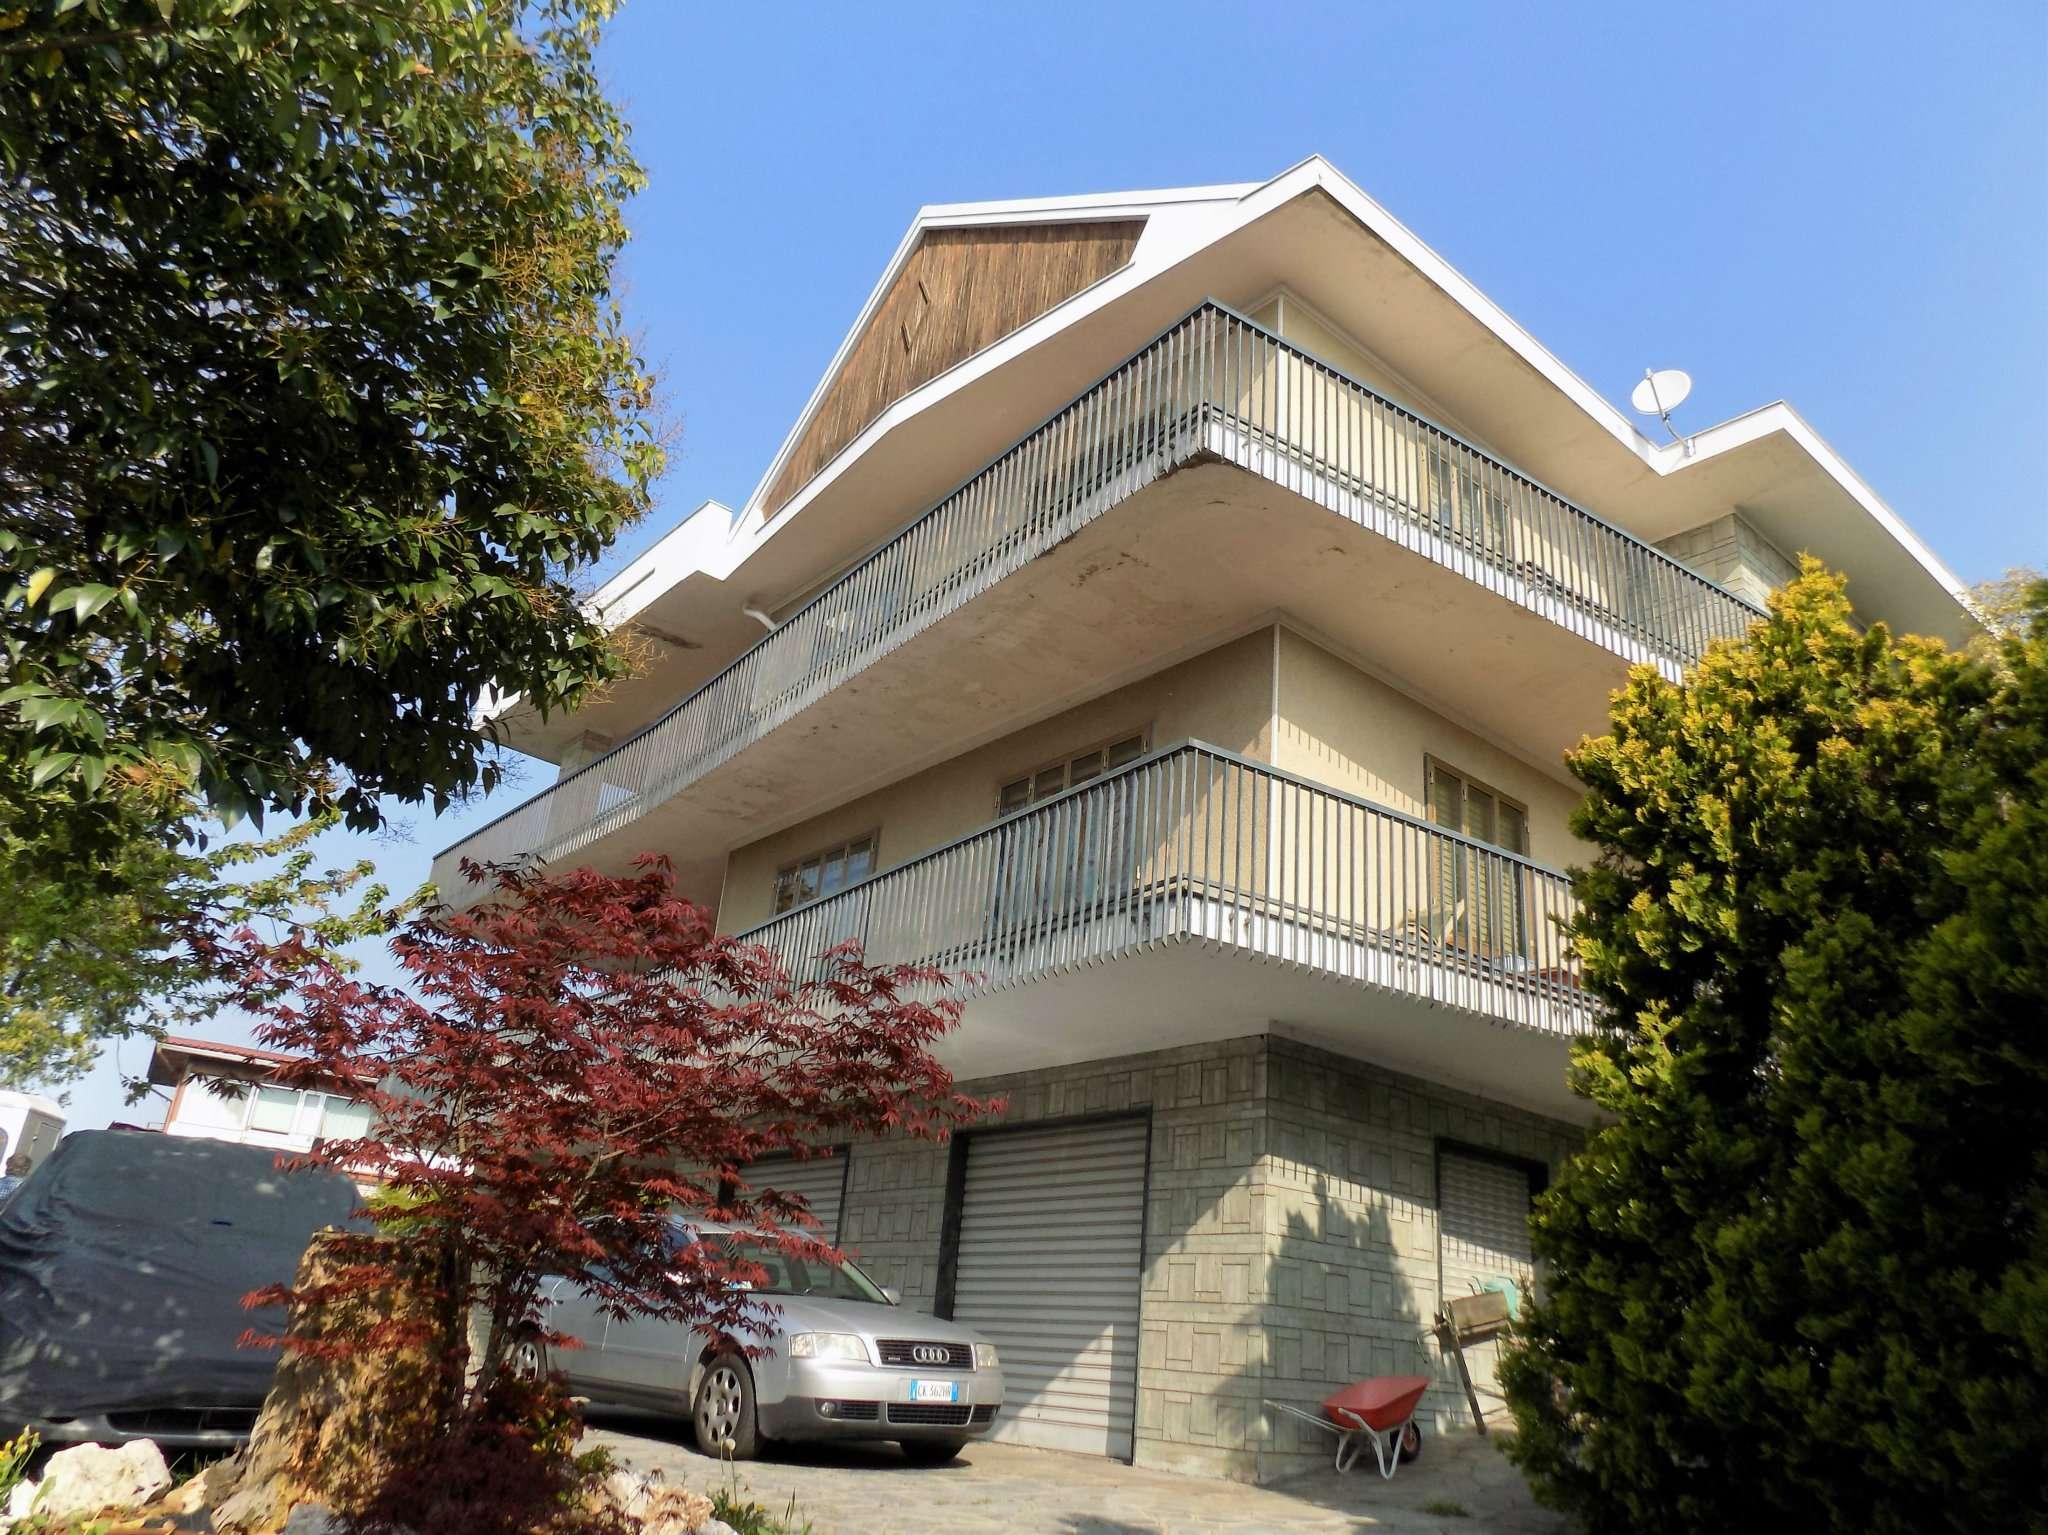 Soluzione Indipendente in vendita a Rivoli, 12 locali, prezzo € 730.000 | Cambio Casa.it